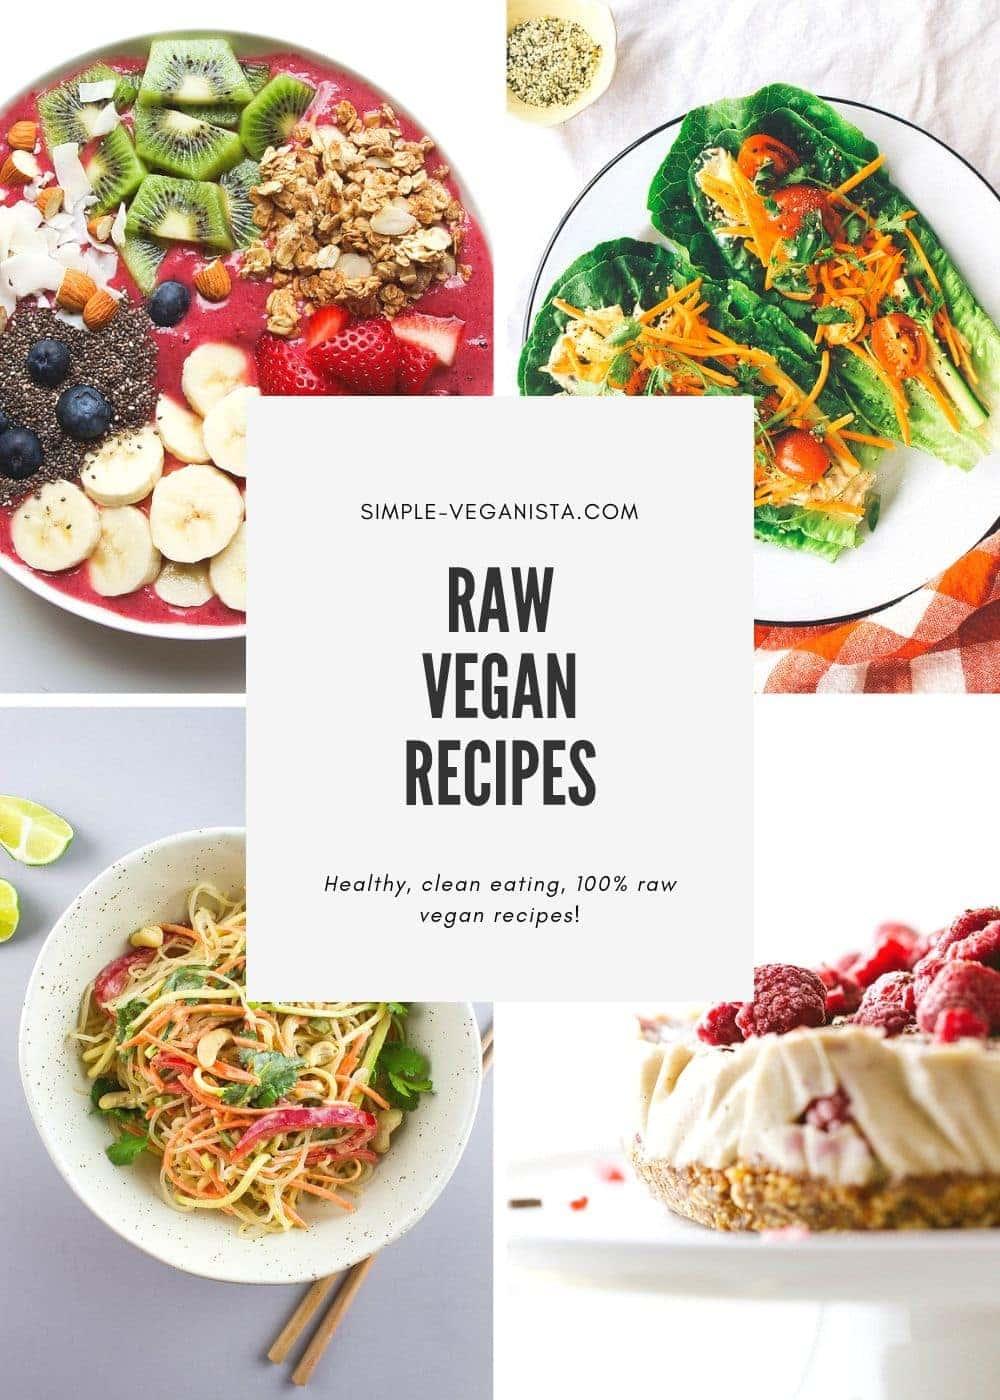 Raw Vegan Recipes The Simple Veganista